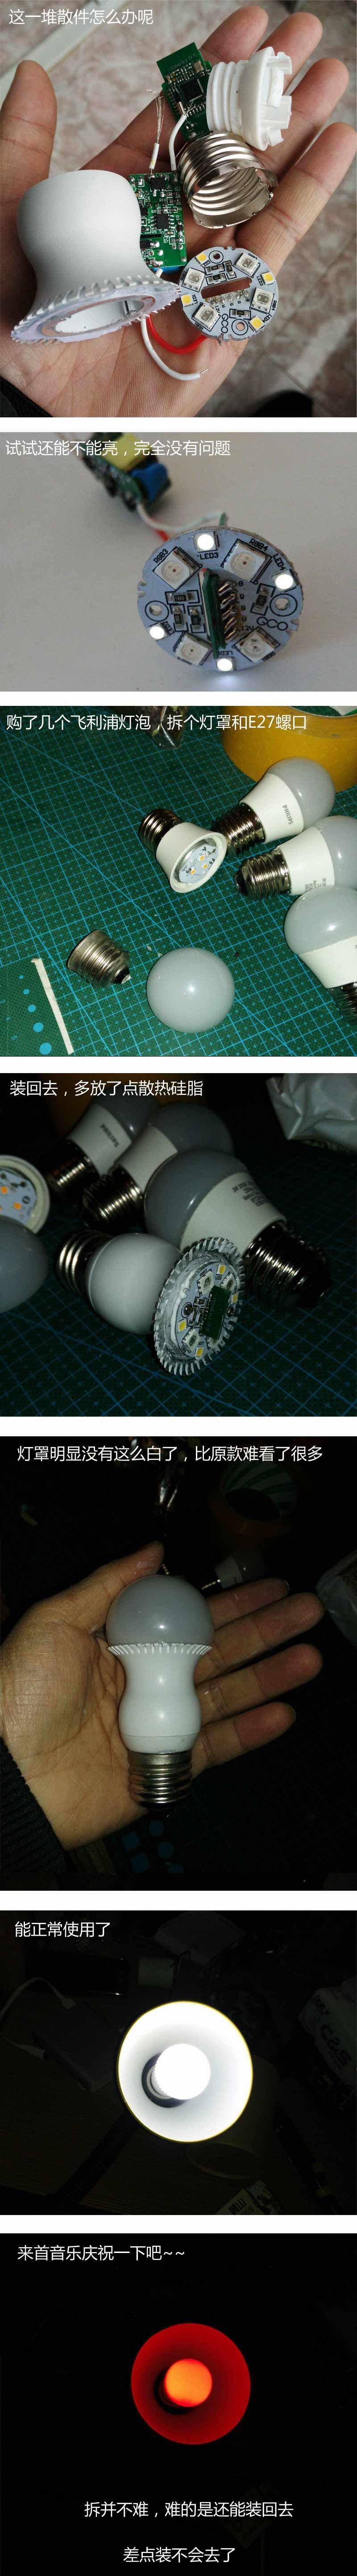 蓝牙智能LED灯泡拆解并测试体验(配视频)